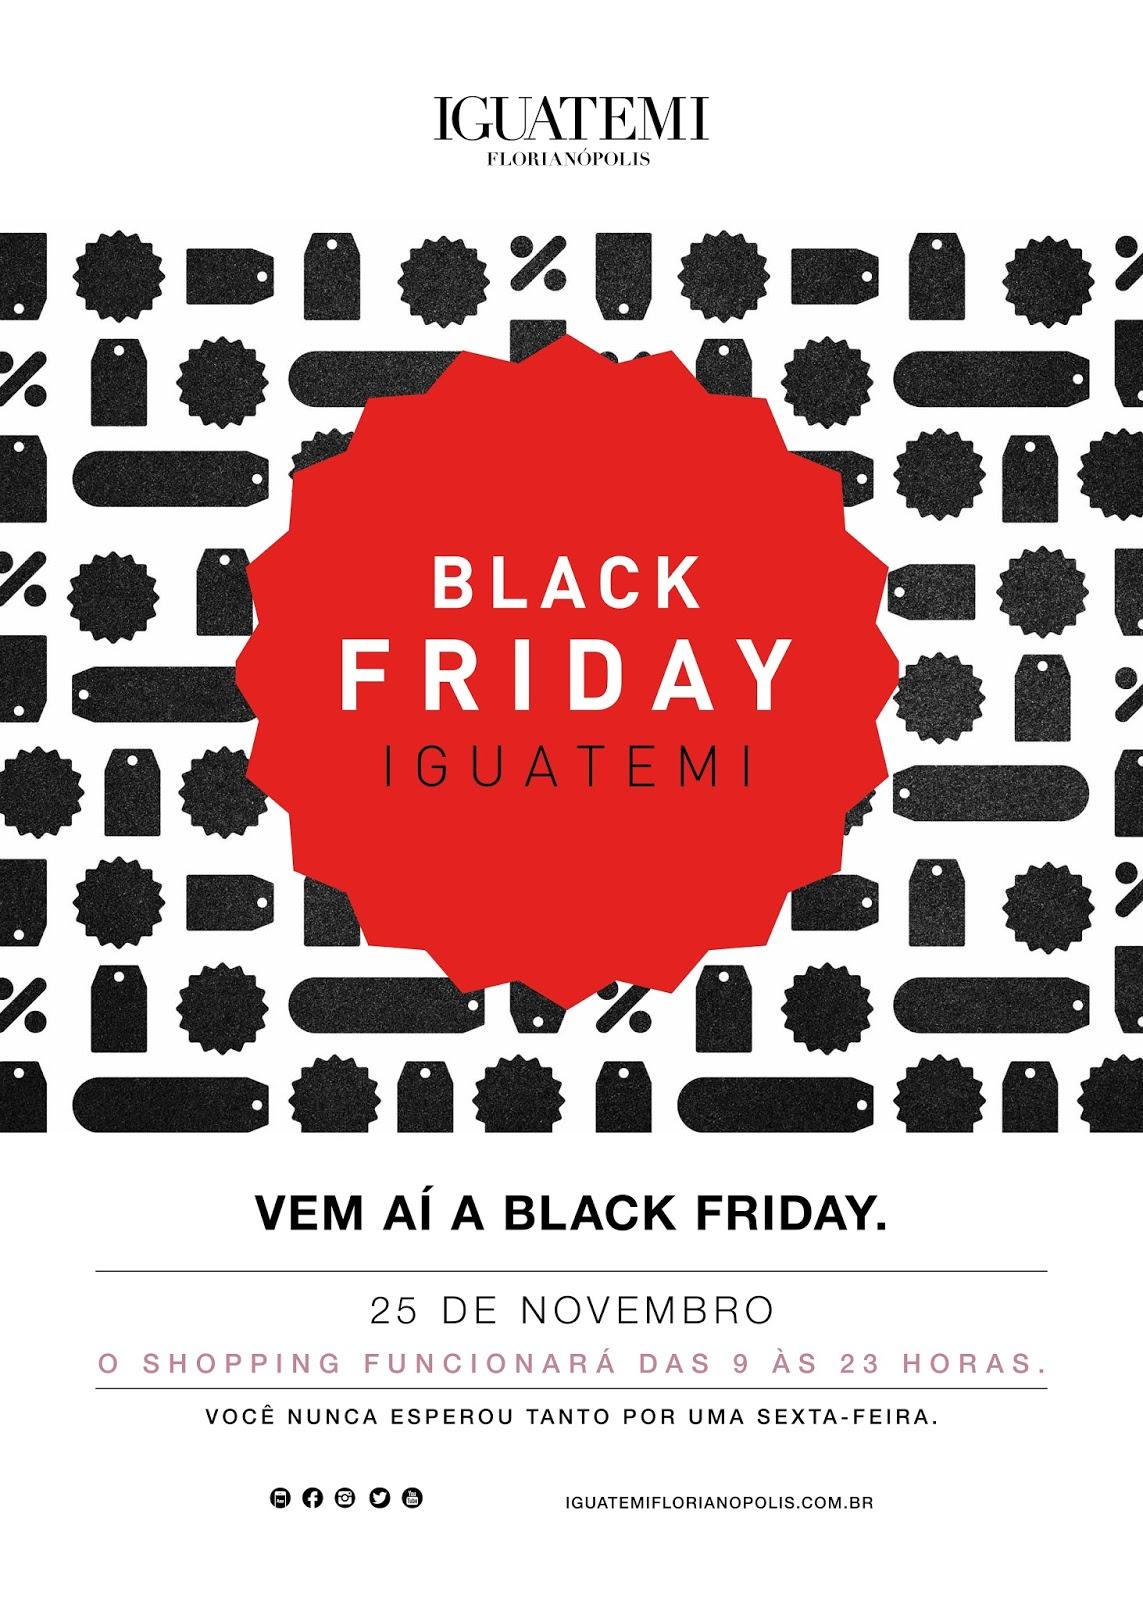 O Iguatemi Florianópolis já se preparou para a Black Friday 2016 e contará  com mais de 130 lojas participantes. O evento será na próxima sexta, dia  25, ... fe53dbfe22